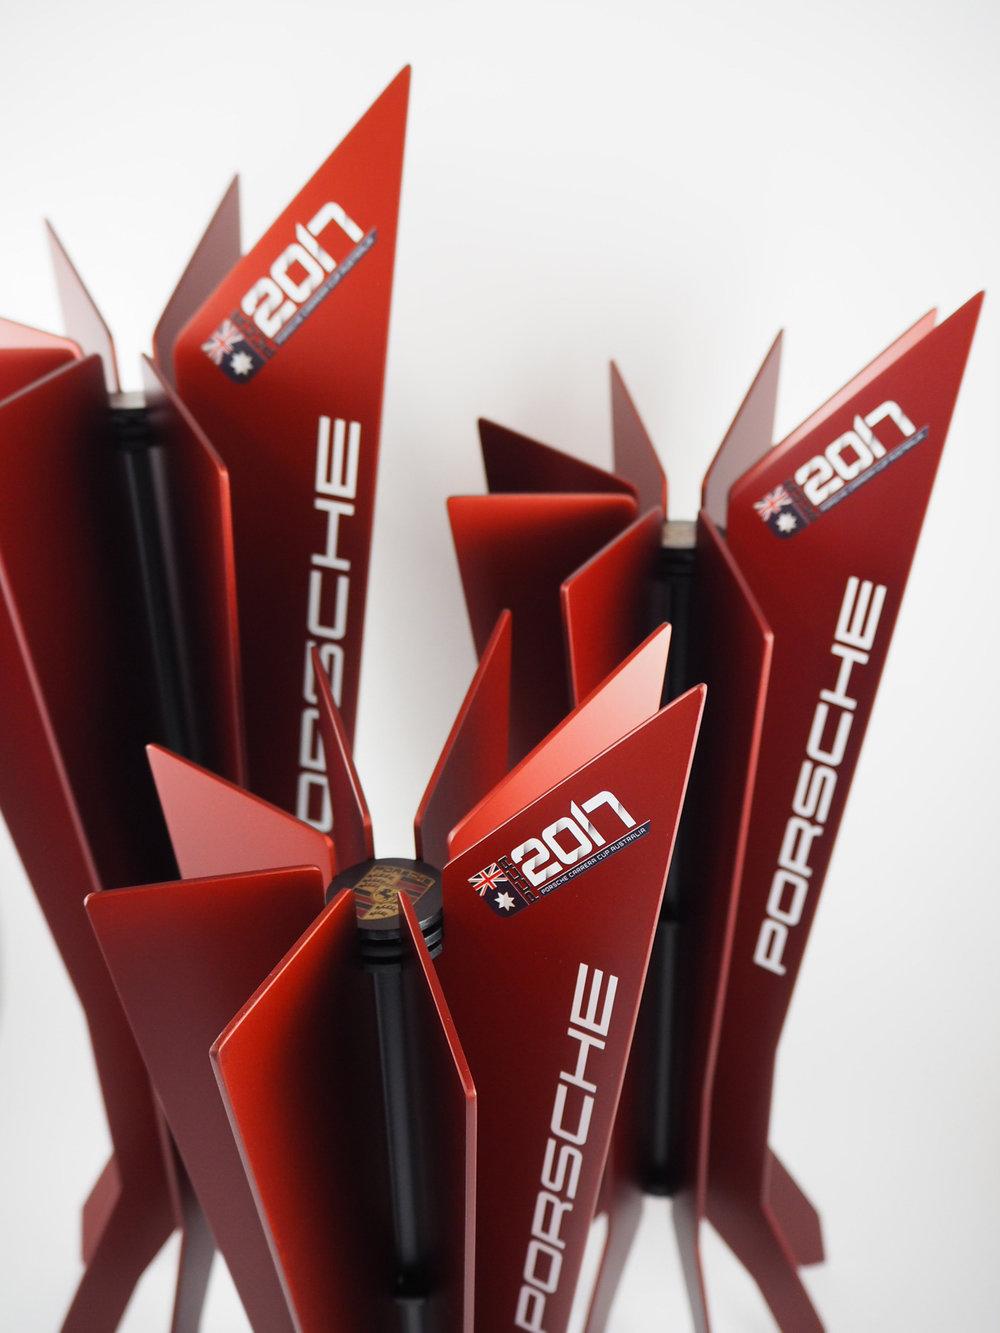 porsche-eos-aluminium-sculpture-trophy-awards-05.jpg